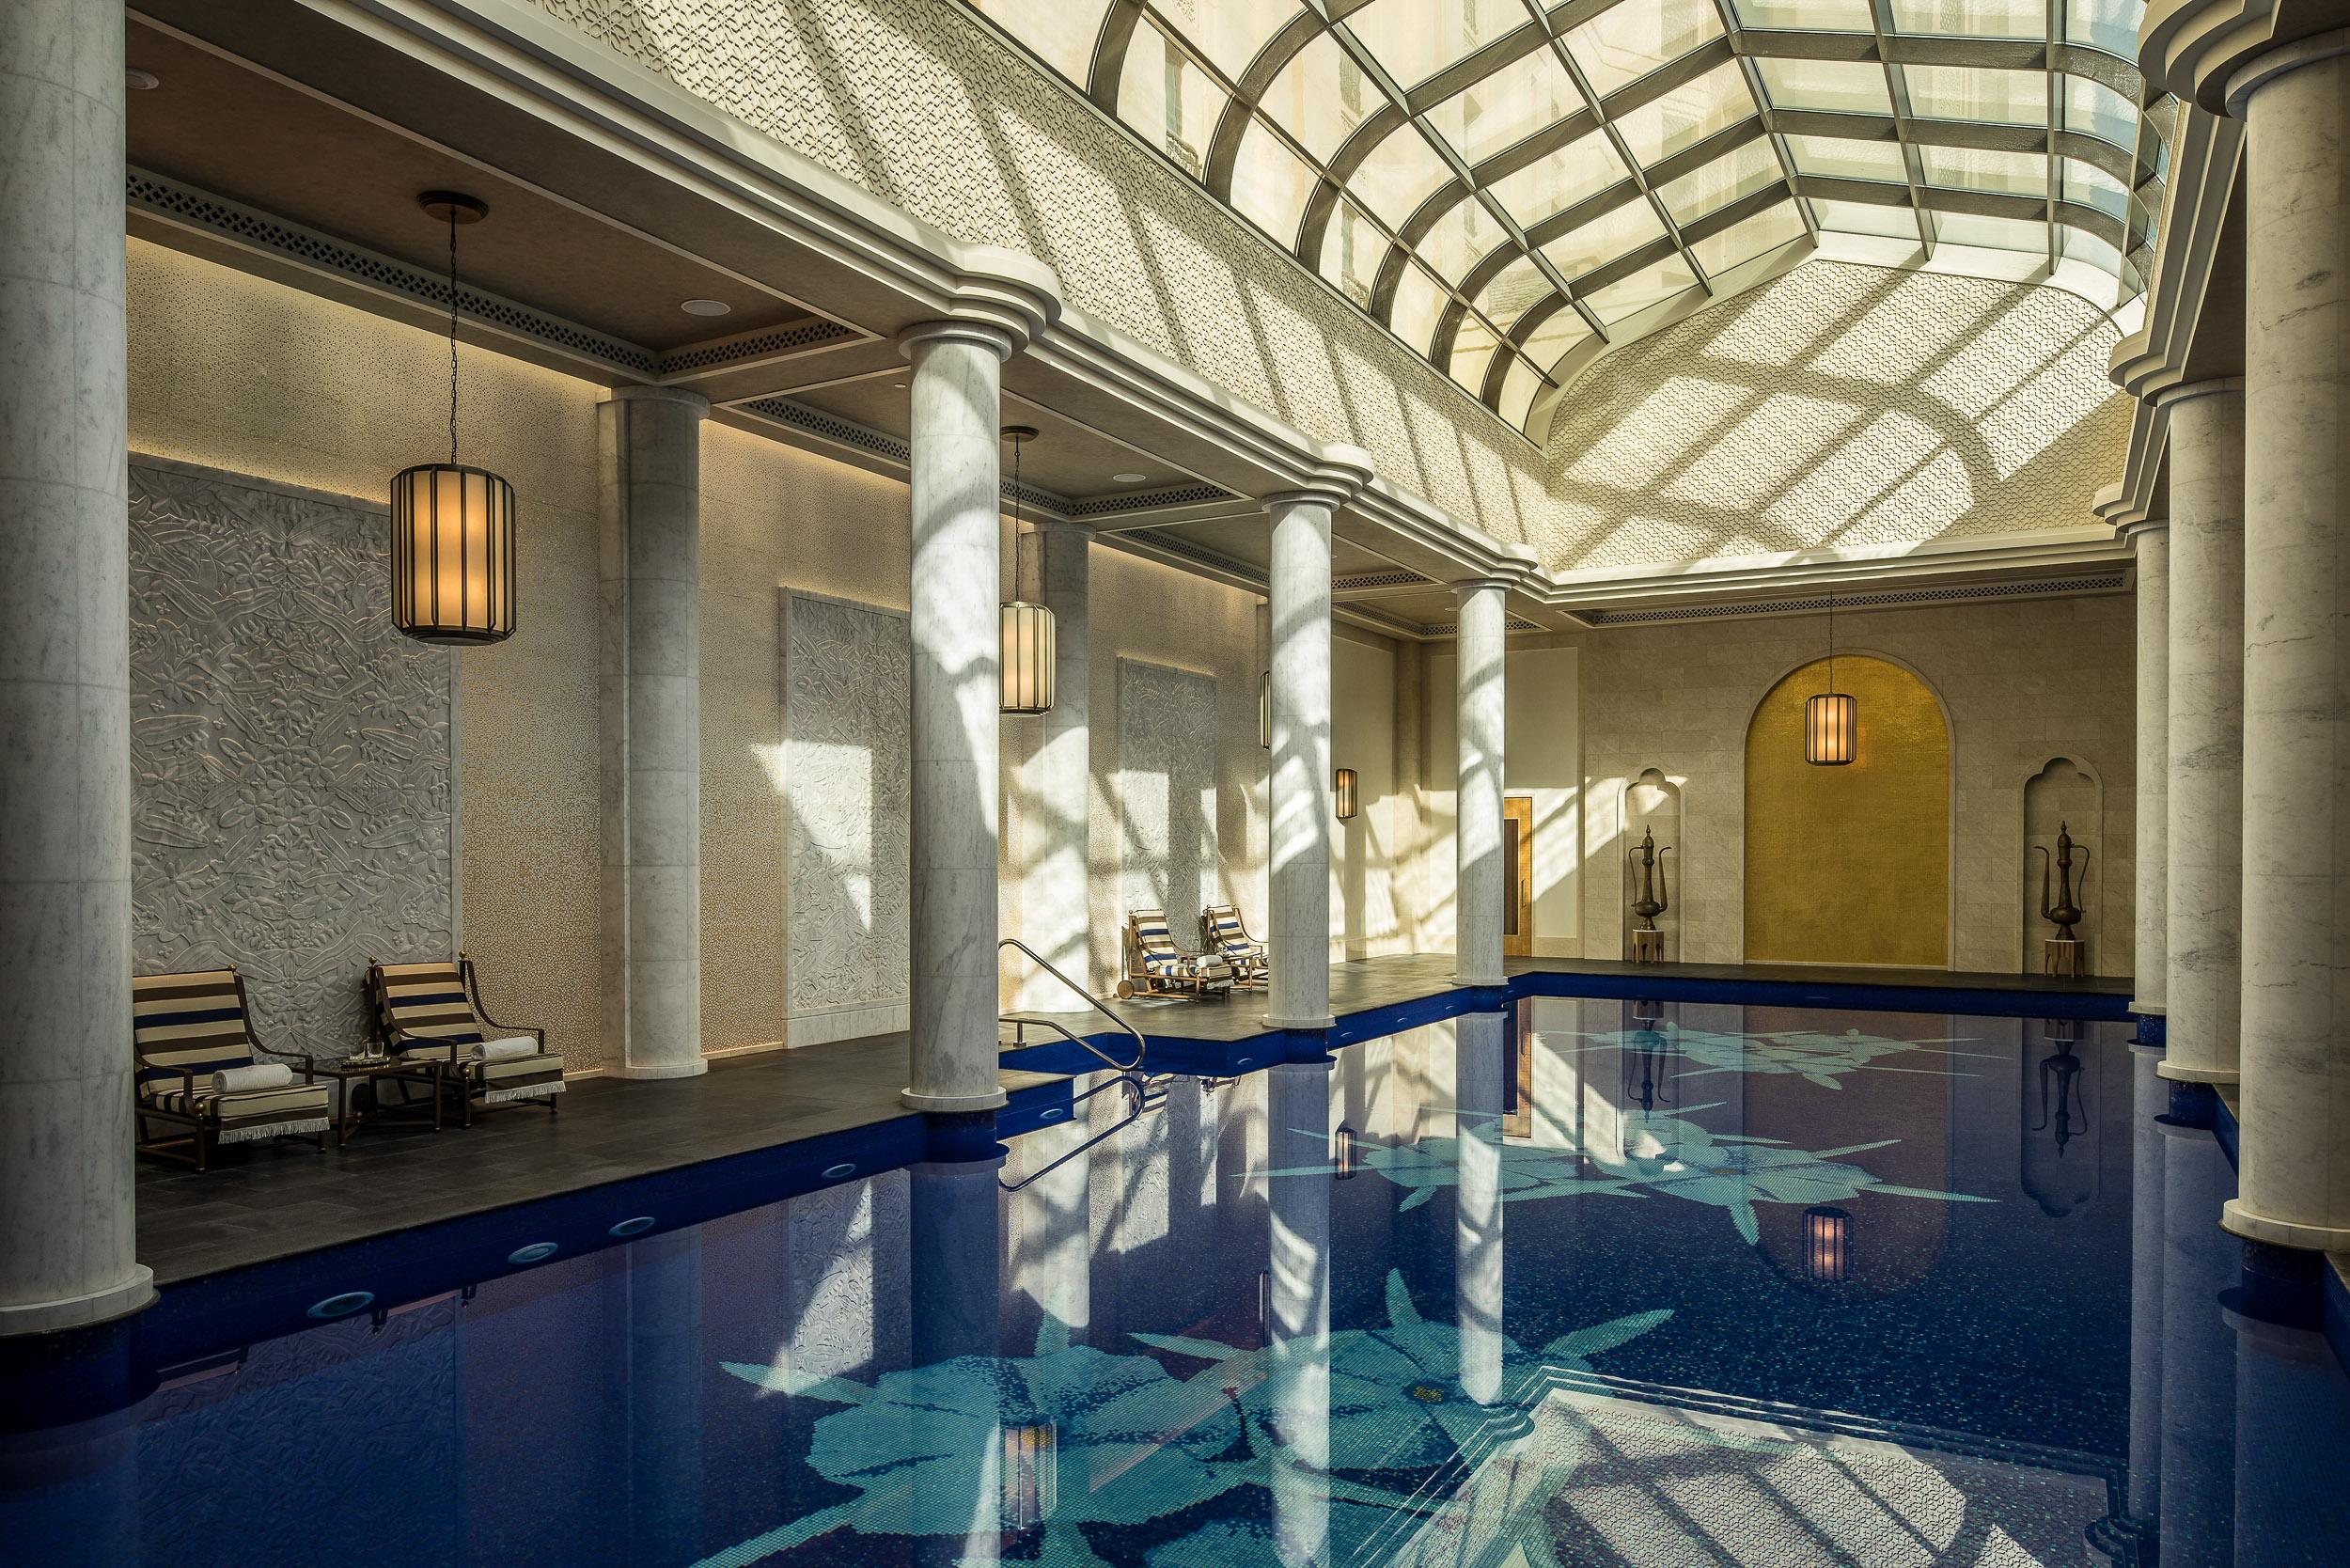 FSBR_Indoor Pool 1.JPG